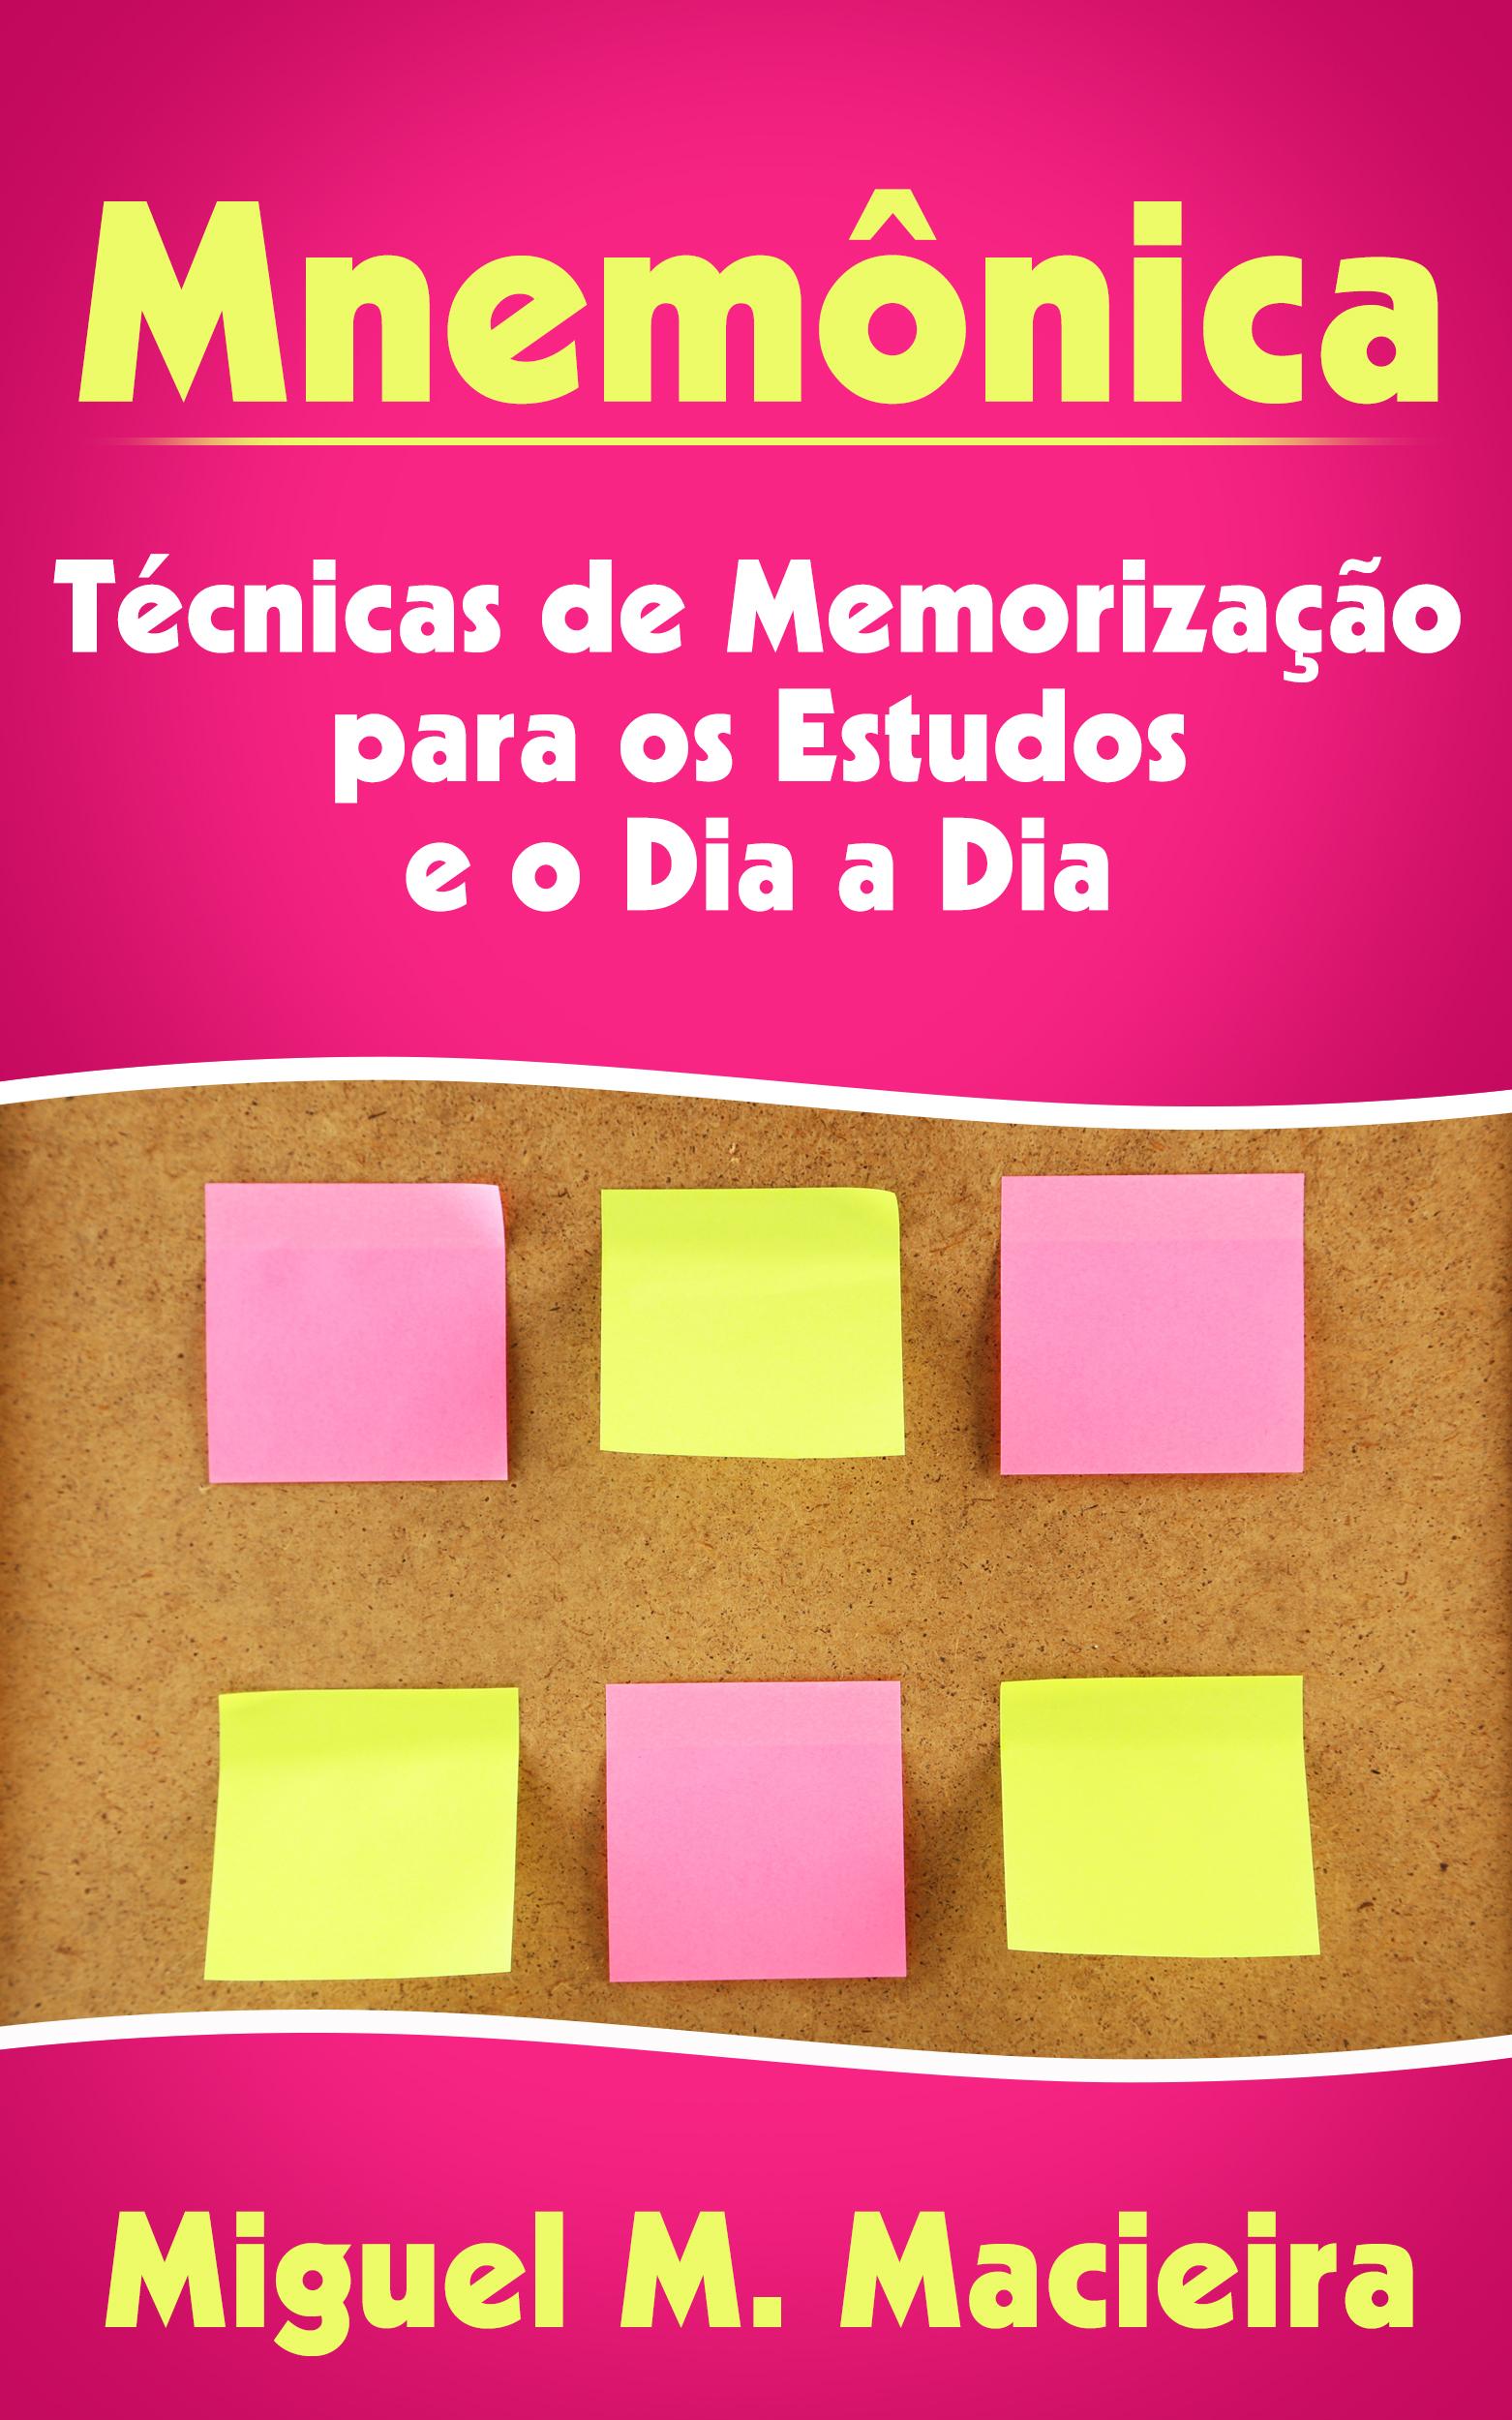 Mnemônica: técnicas de memorização para os estudos e o dia a dia